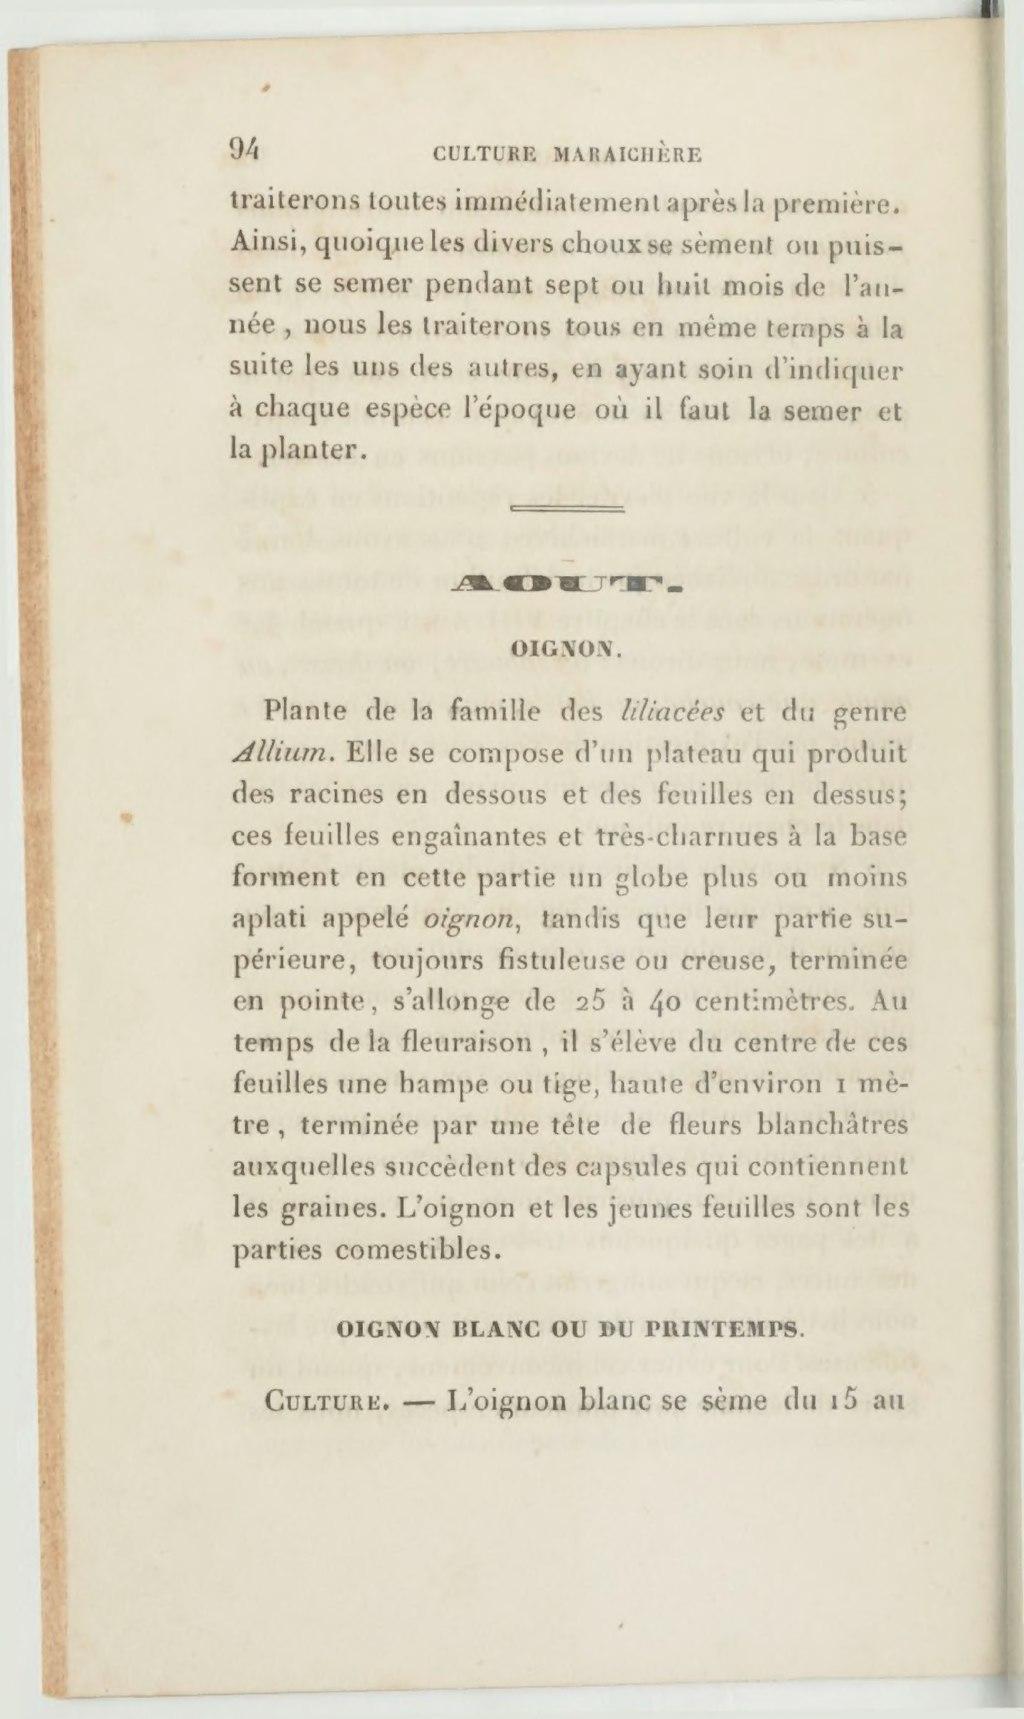 Oignon Blanc A Planter page:moreau, daverne - manuel pratique de la culture